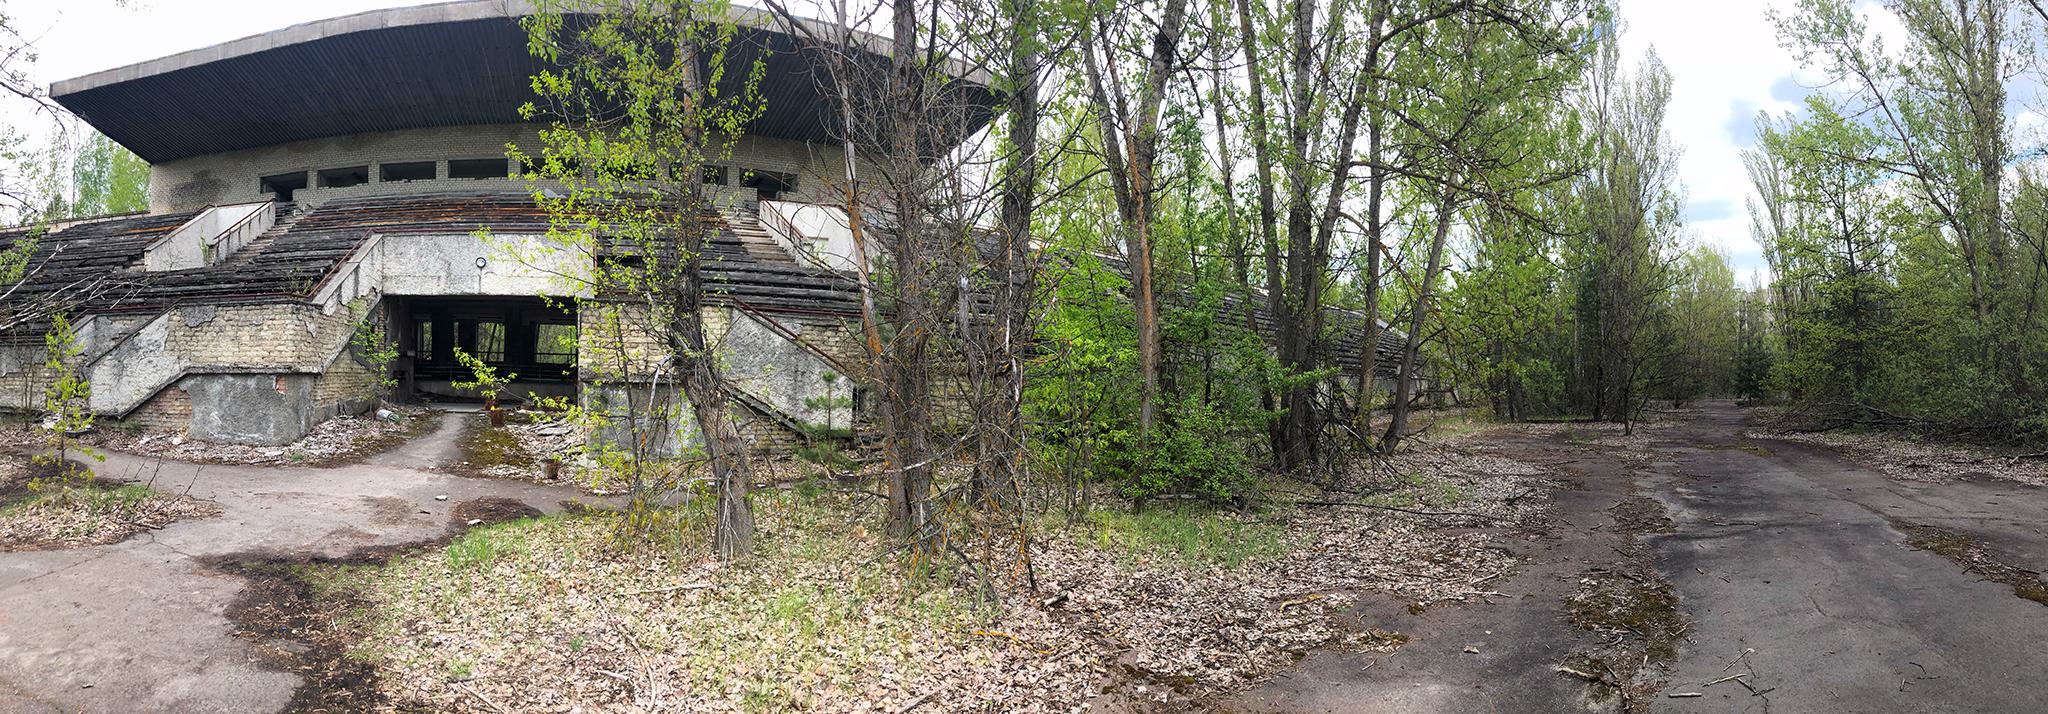 Visitar Chernóbil - Visitar Chernobyl Ucrania Ukraine Pripyat visitar chernóbil - 47045821264 aa981dd401 o - Visitar Chernóbil: el lugar más contaminado del planeta